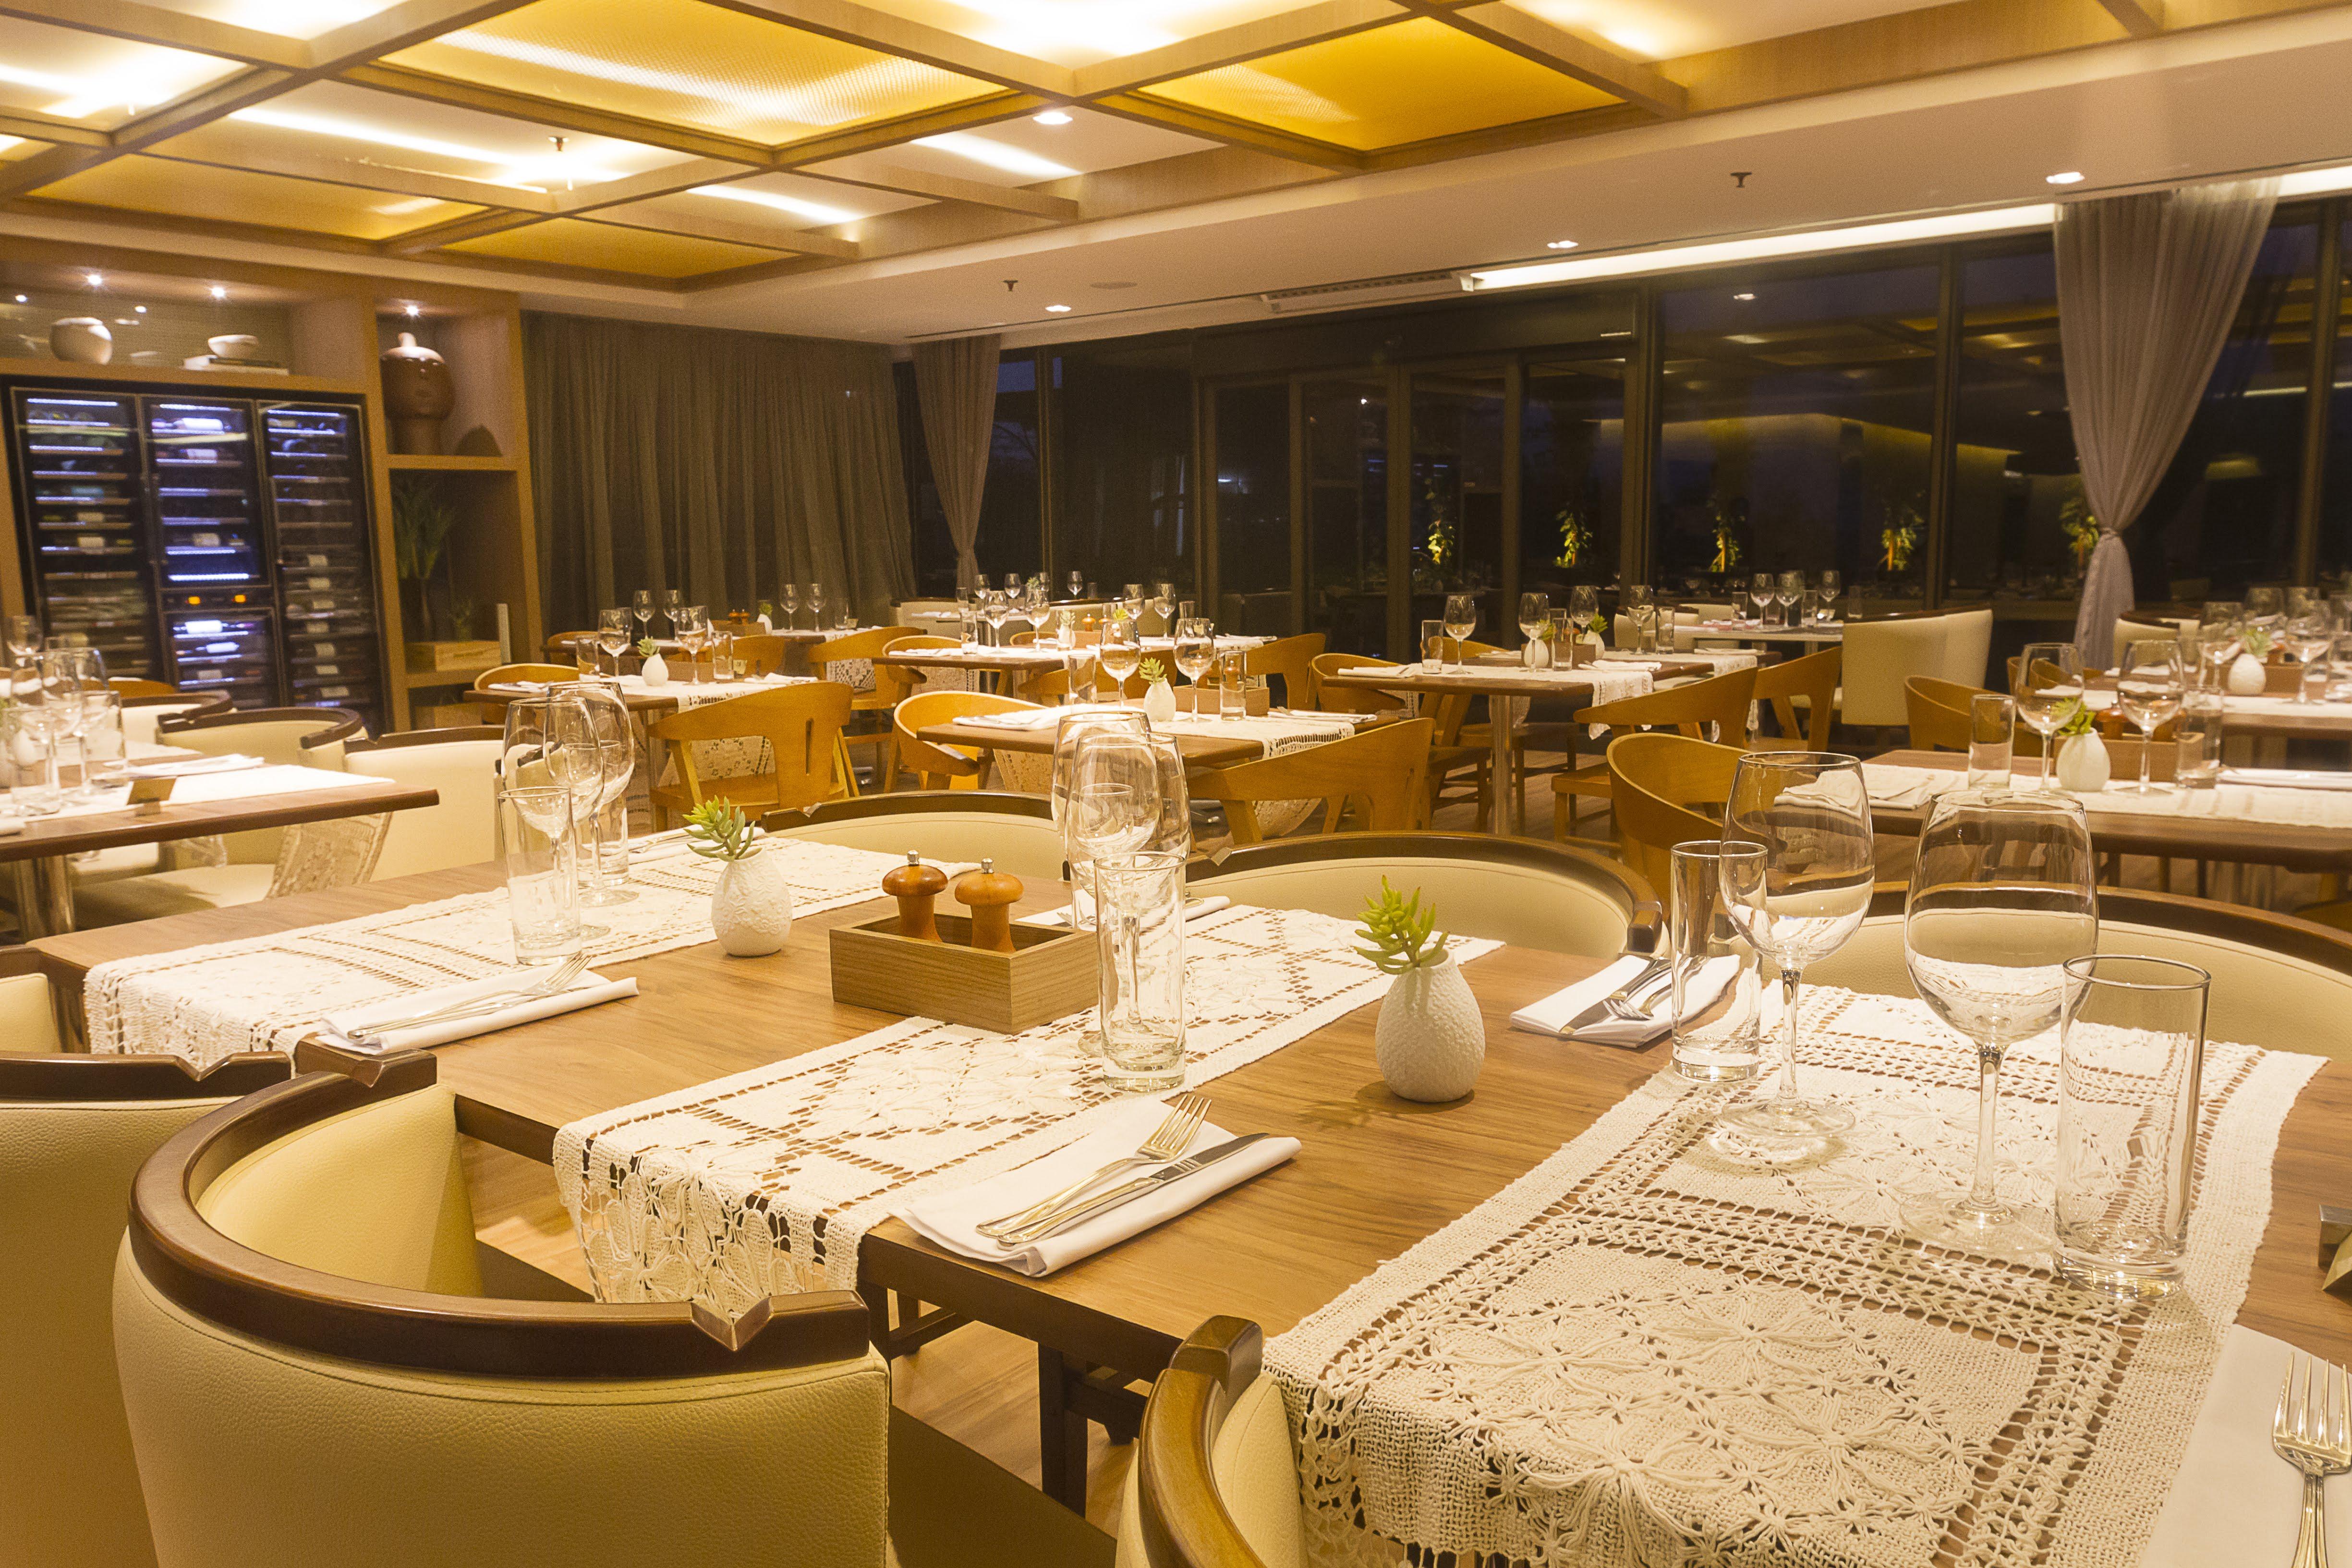 Restaurante Mucuripe promove noite especial em alusão ao Valentine's Day